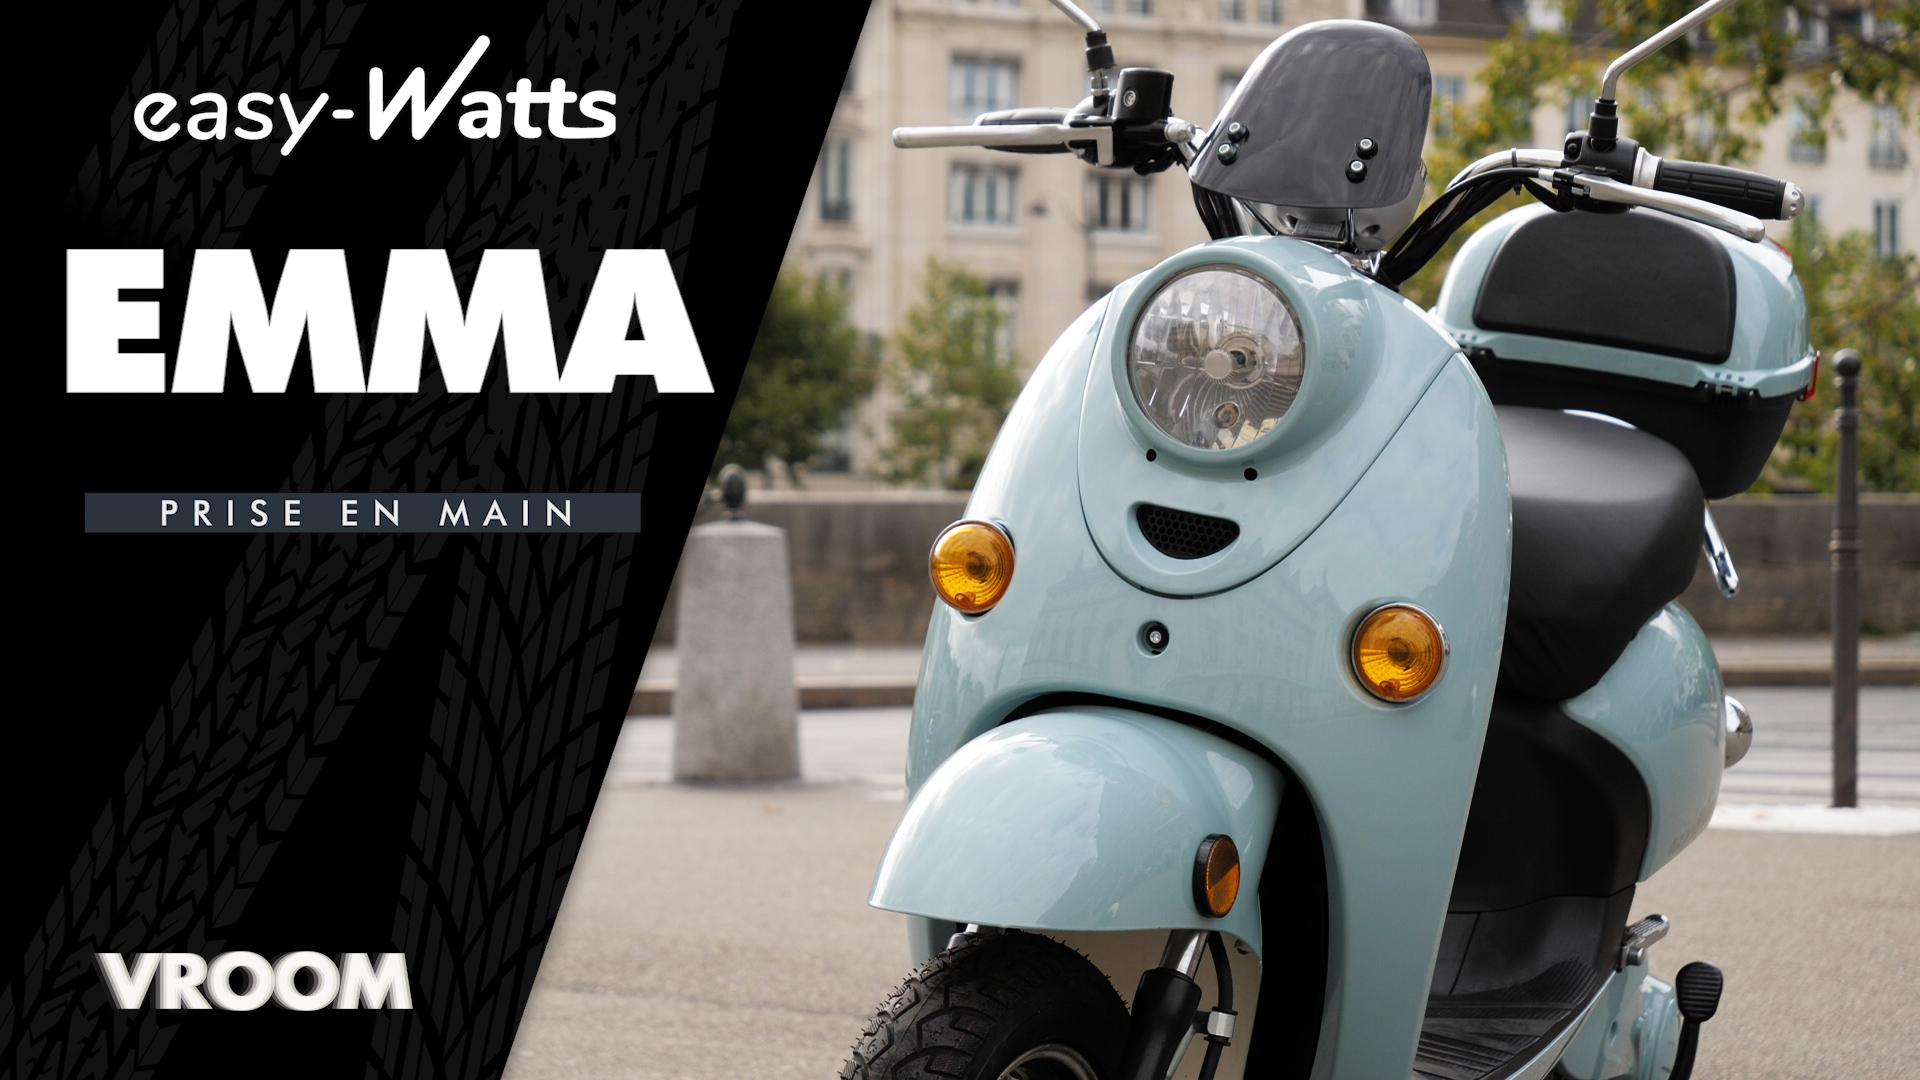 Test du Emma : que vaut le scooter électrique le moins cher ?